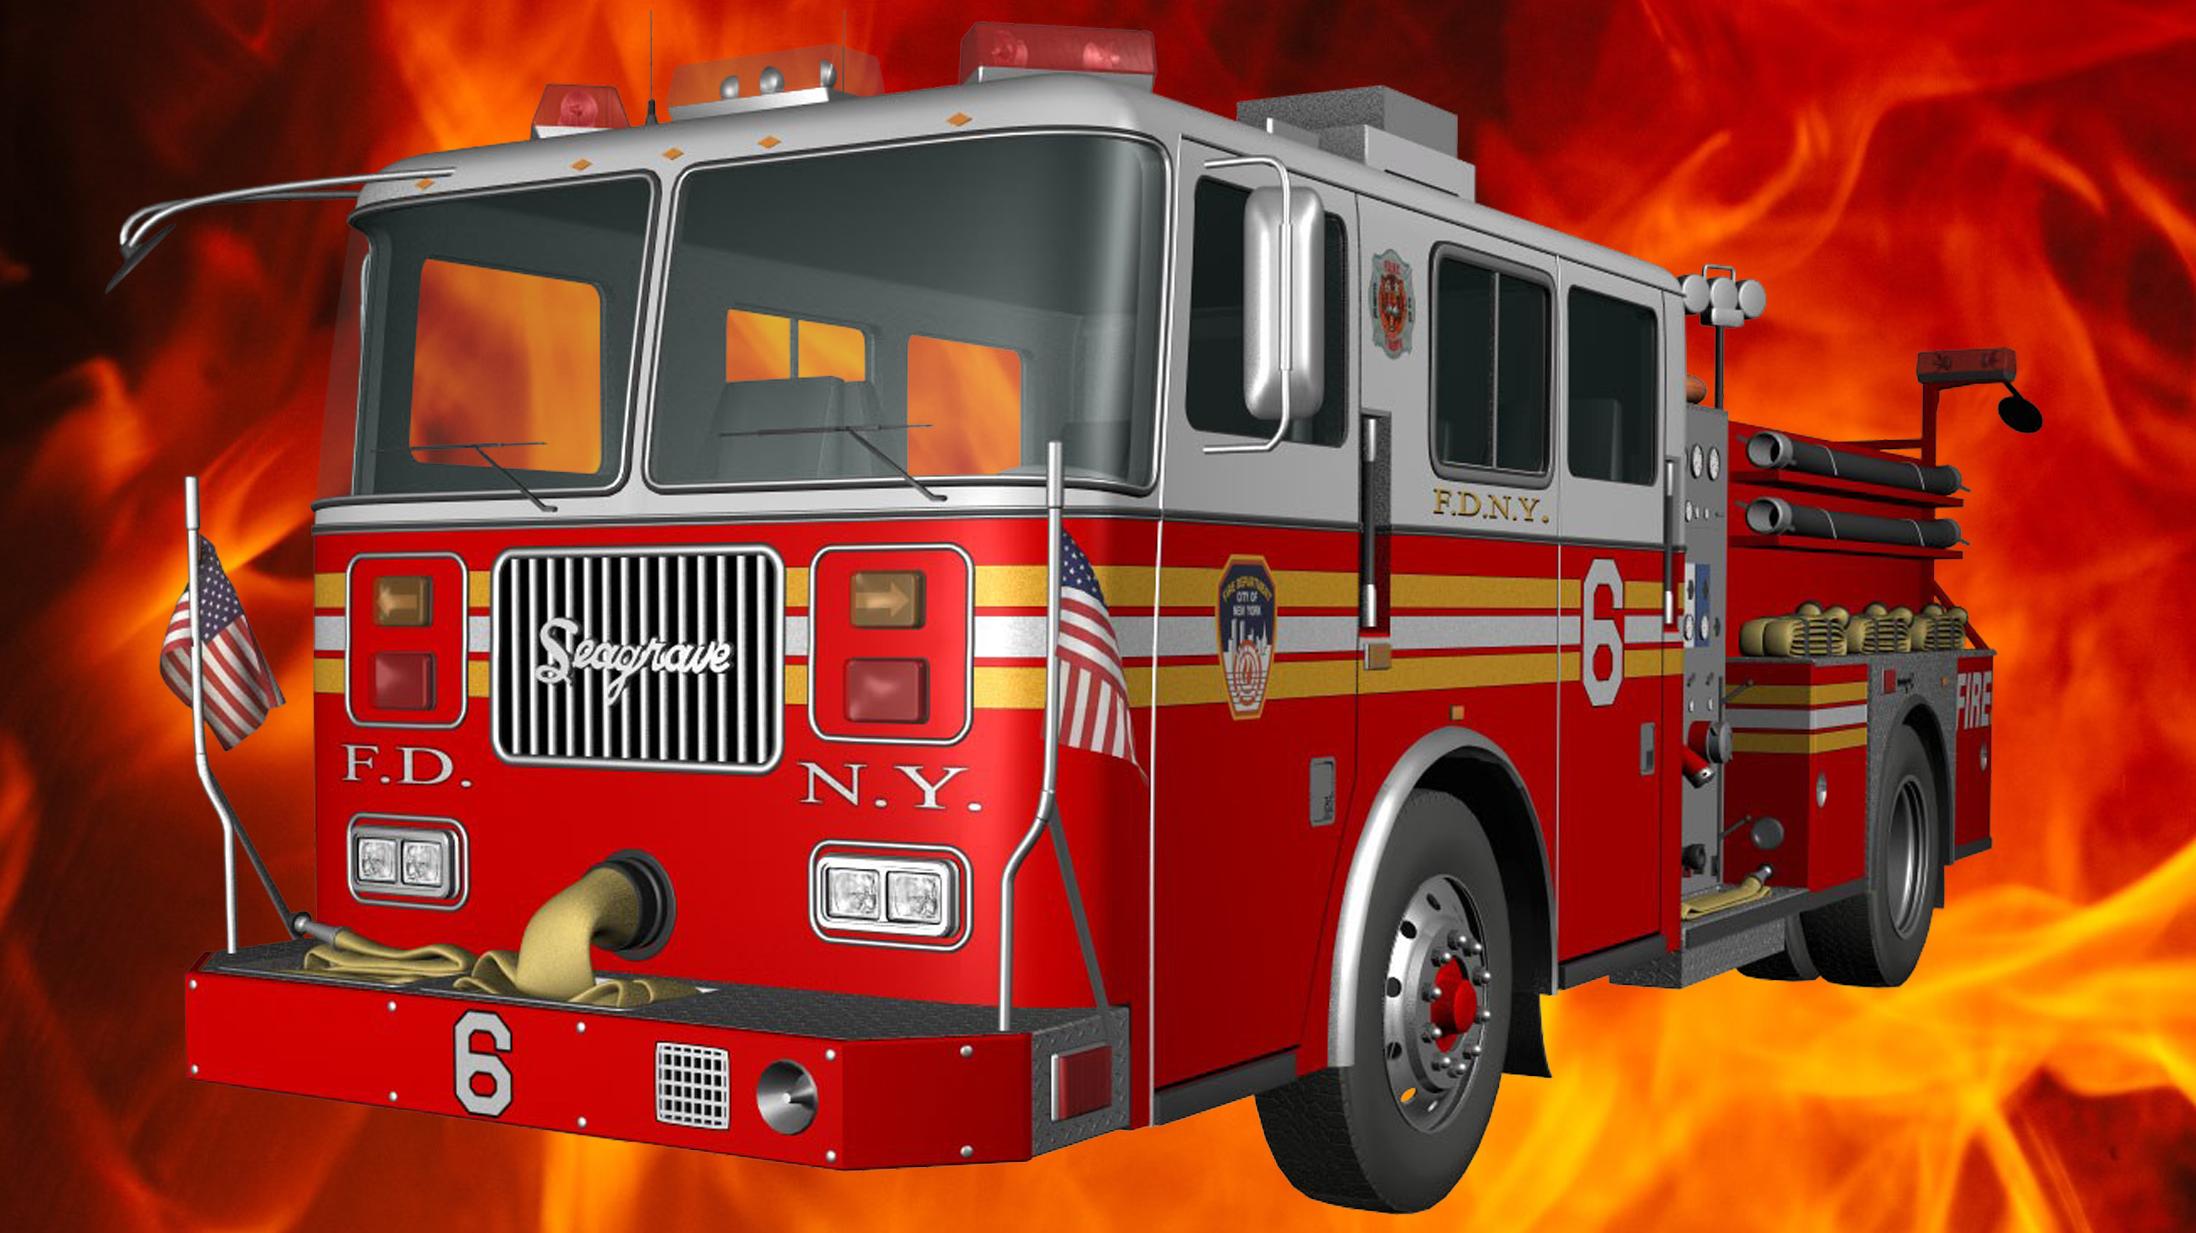 Fire Truck_1452136476220.jpg